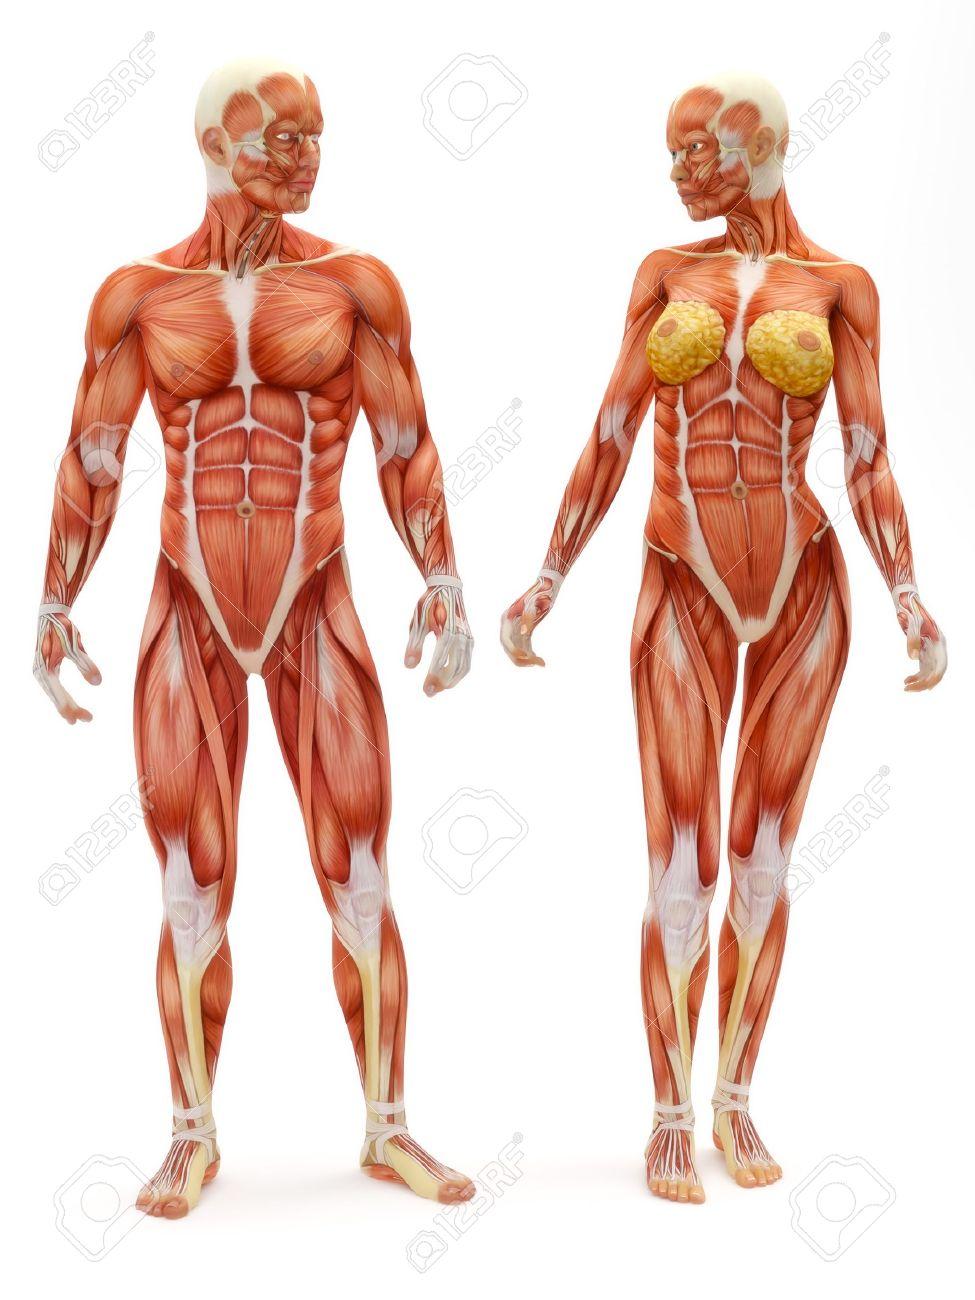 Sistema Músculo-esquelético Masculino Y Femenino Aislado En Un Fondo ...